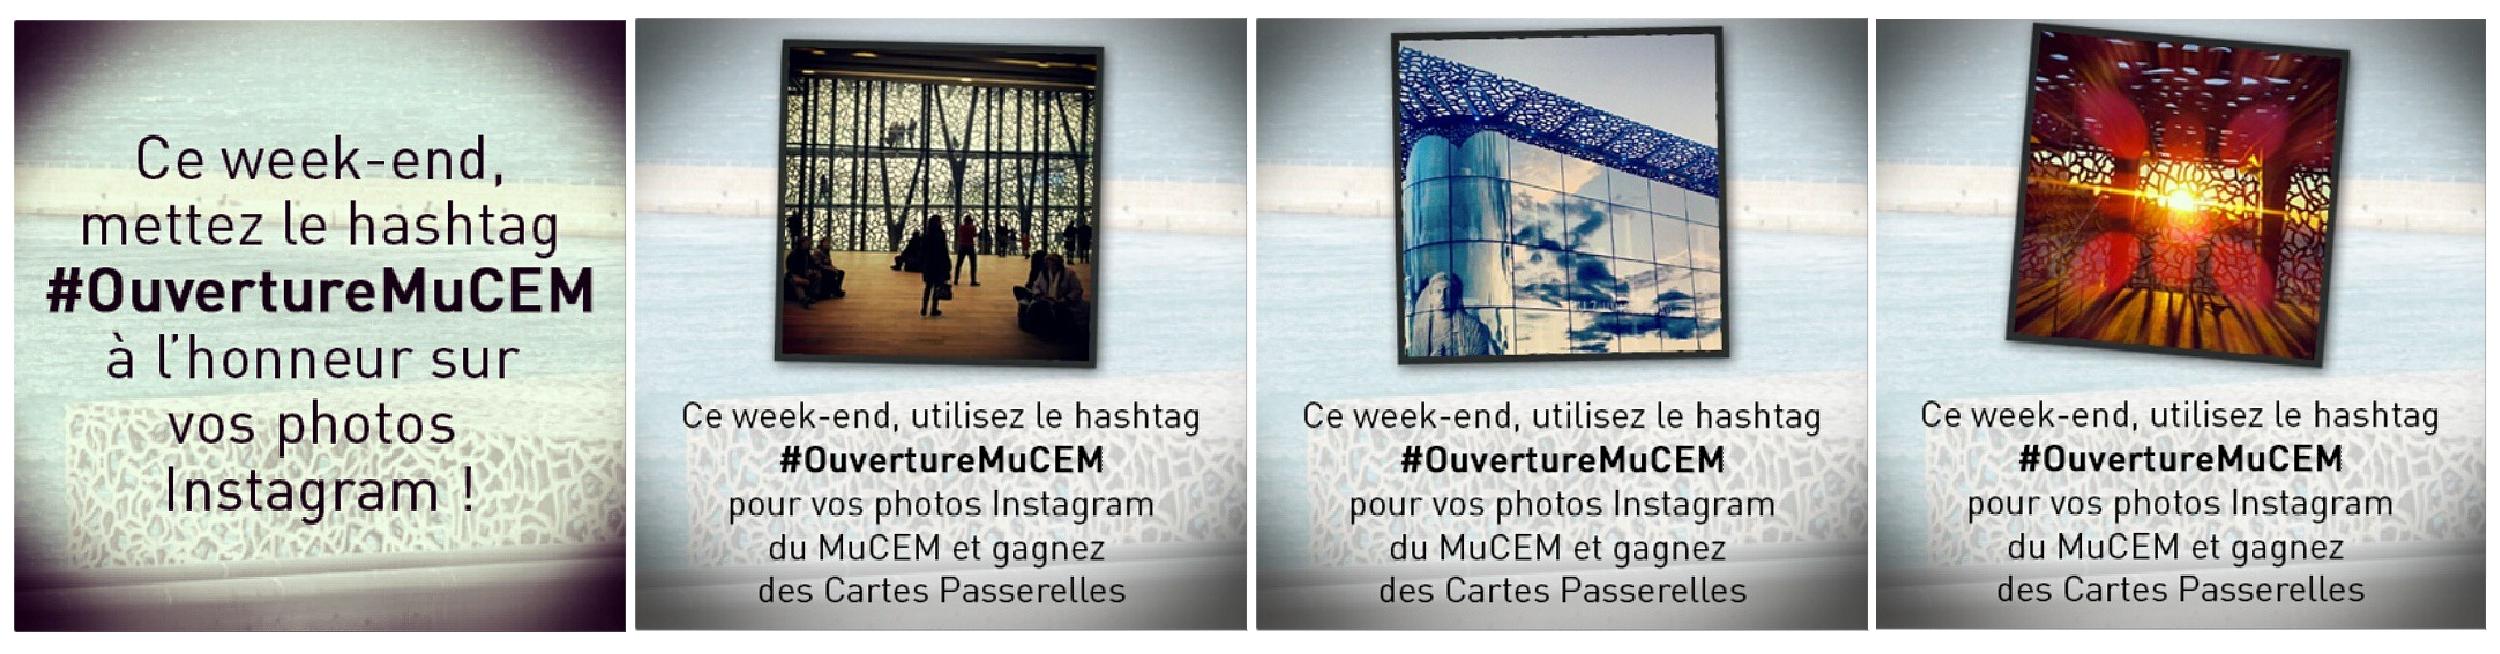 instagram_mucem